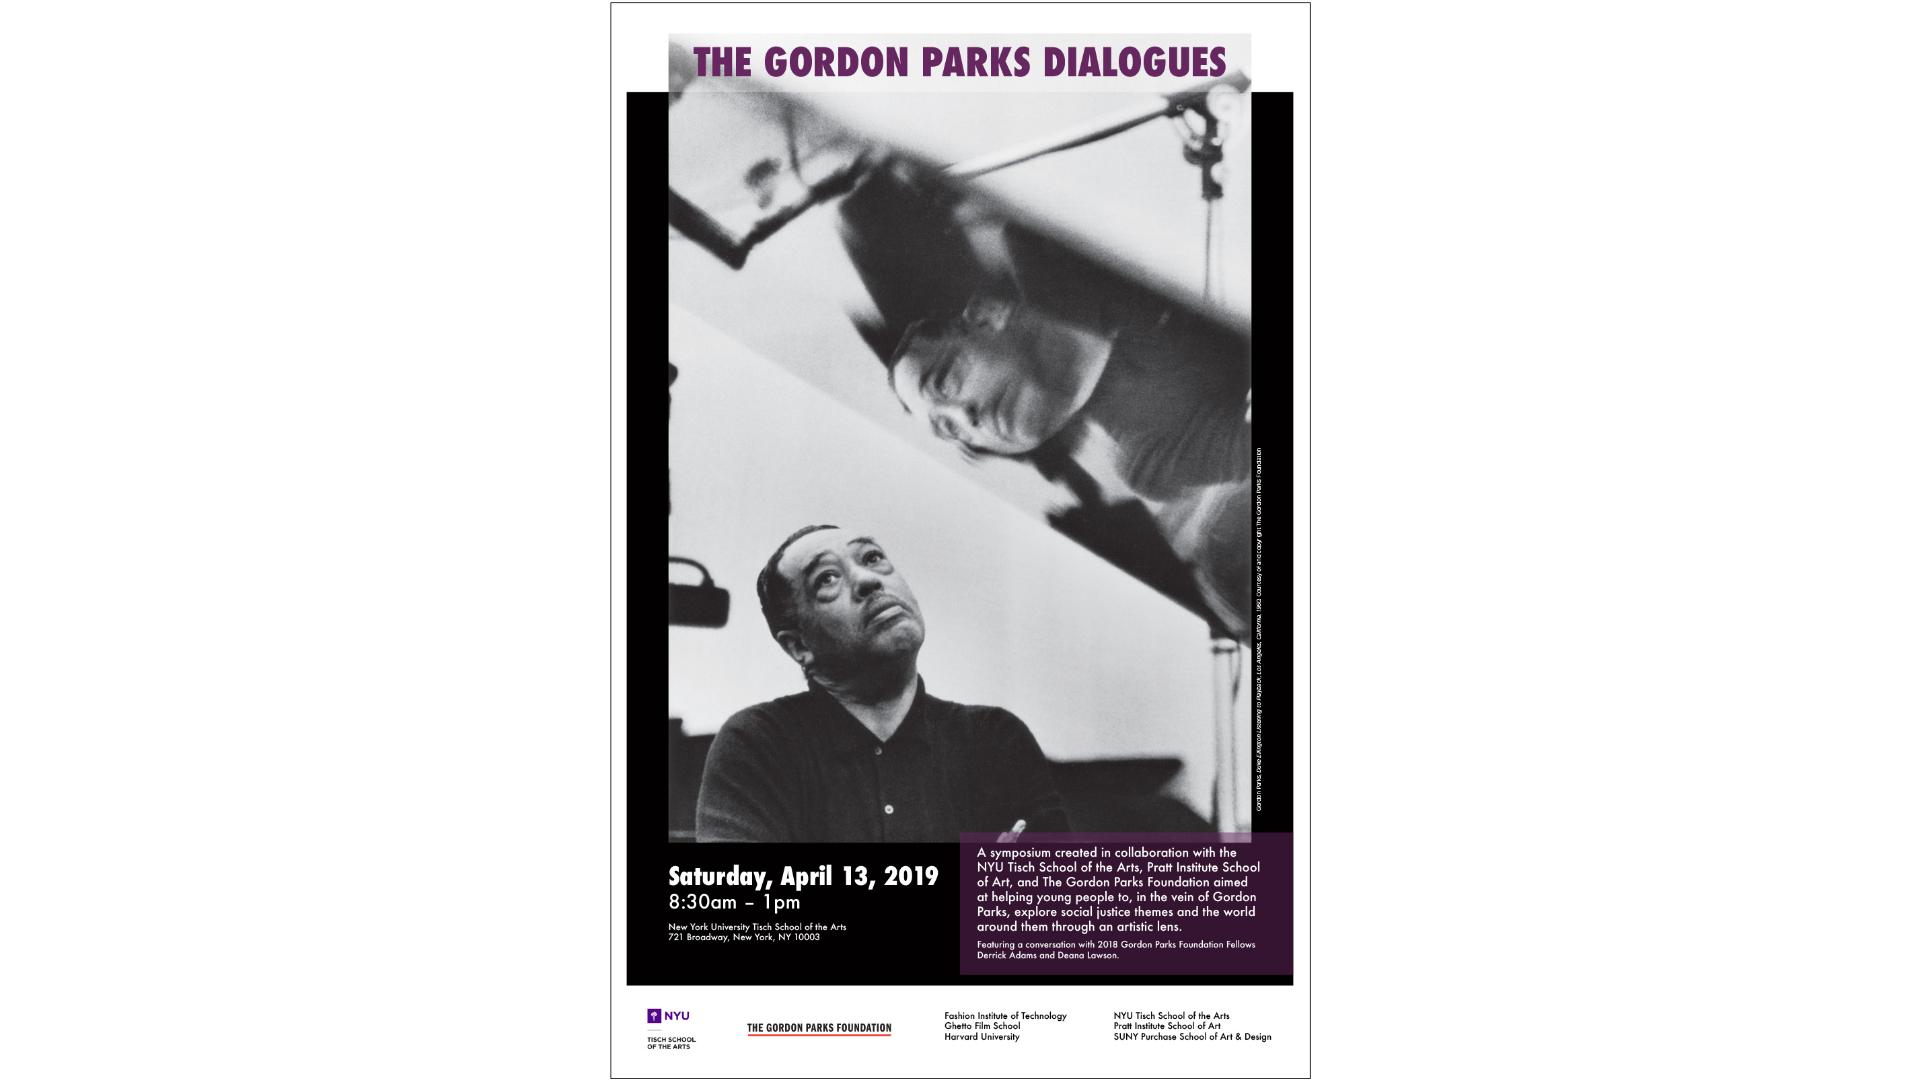 Gordon Parks Dialogues event poster